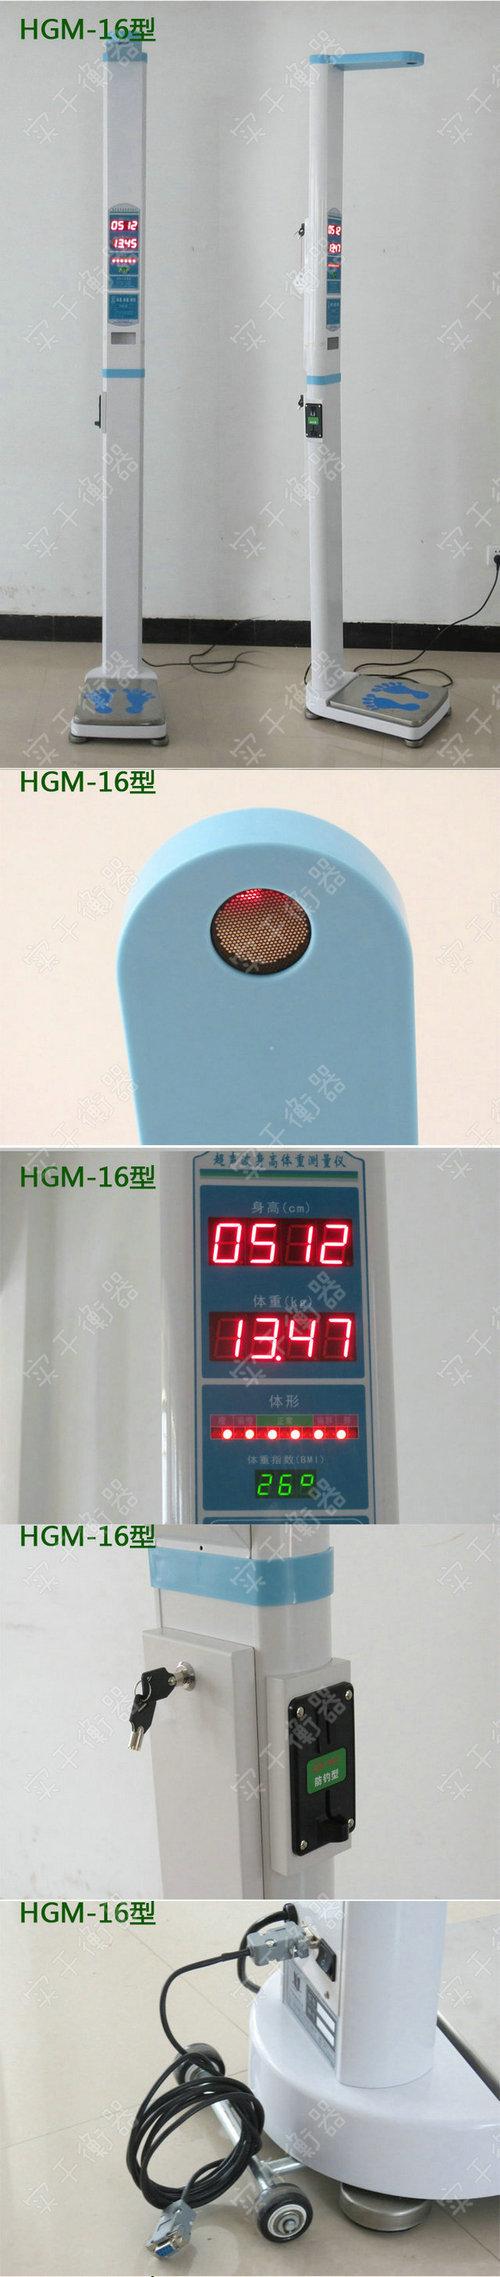 共享推广身高体重测量仪